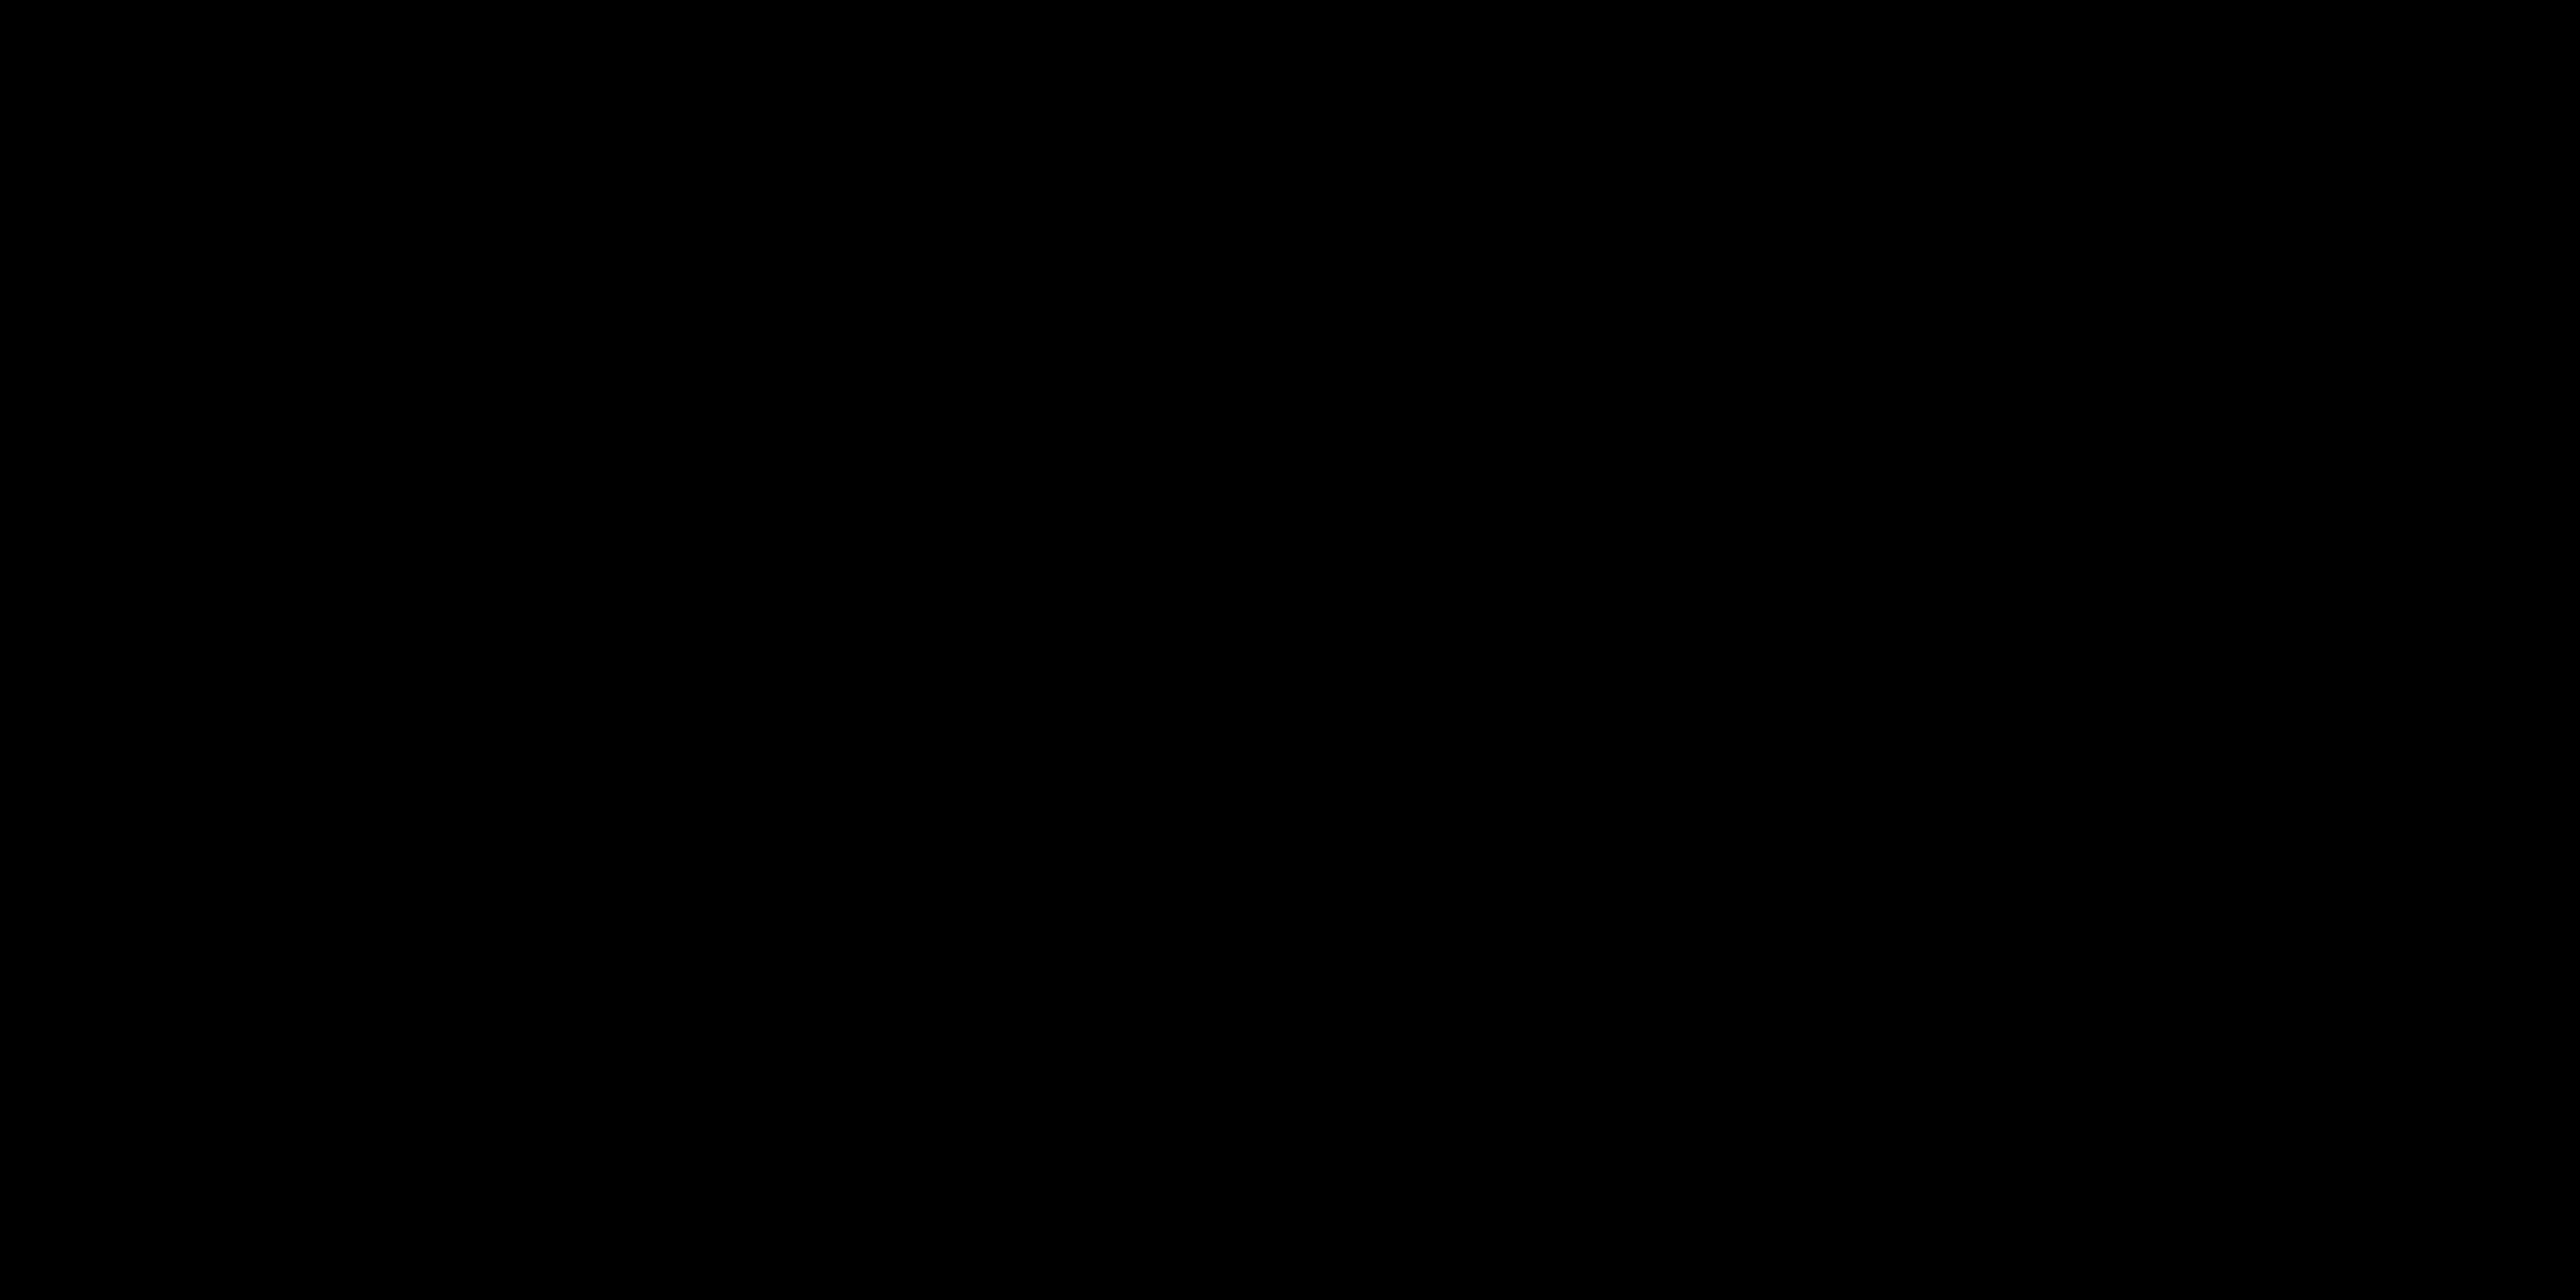 ba014a9e9 جو الصينية فنغ شوي خلفية خضراء داكنة رجيم, الصحة, النمط الصيني, الحبر  الرياح صورة الخلفية للتحميل مجانا